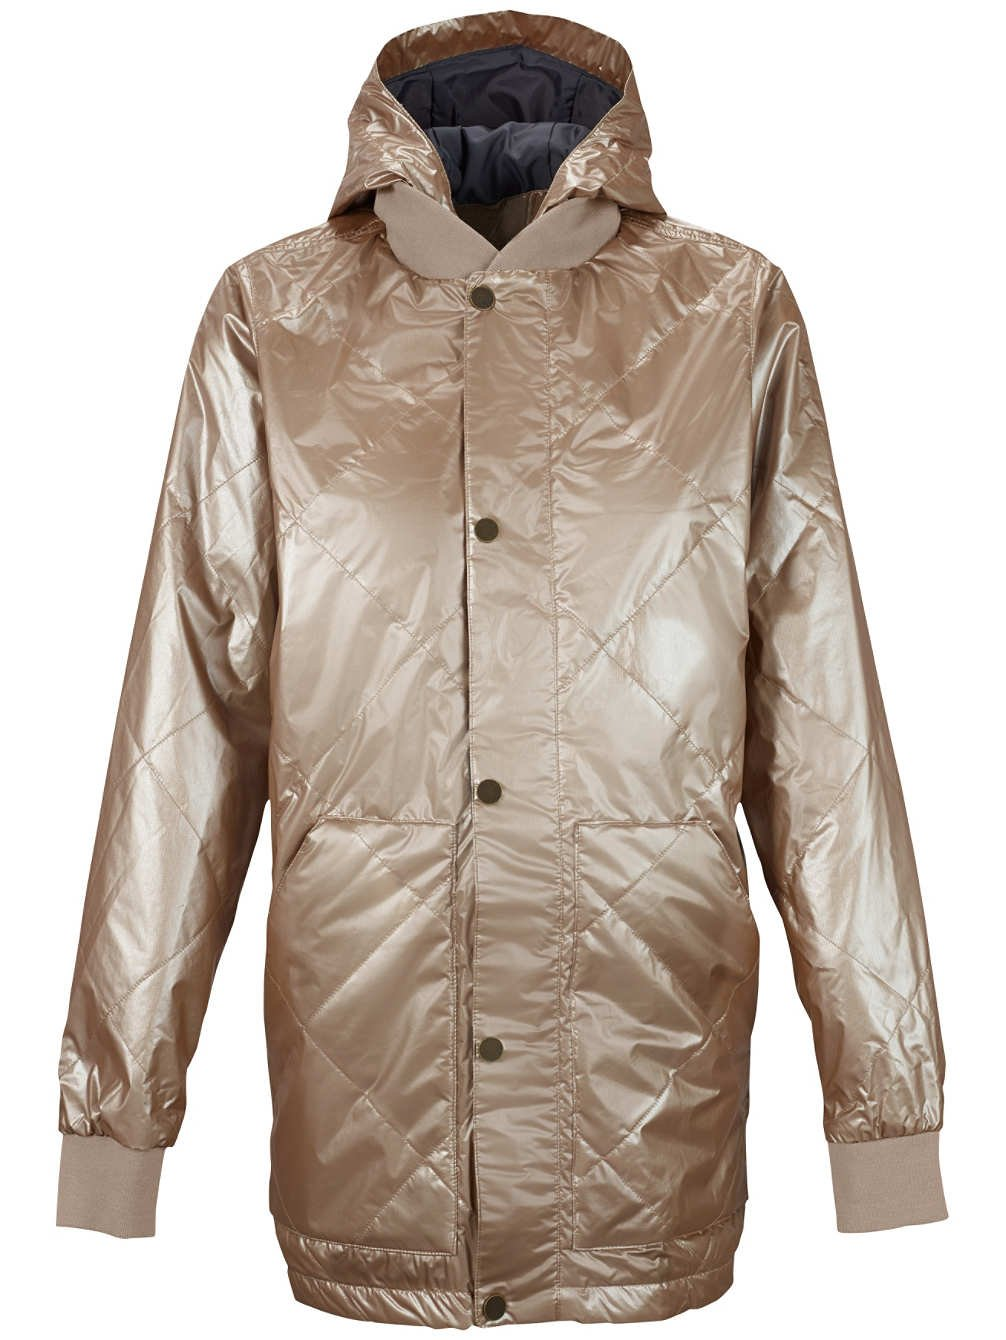 Damen Snowboard Jacke Burton Stella Shirt Jacket online kaufen